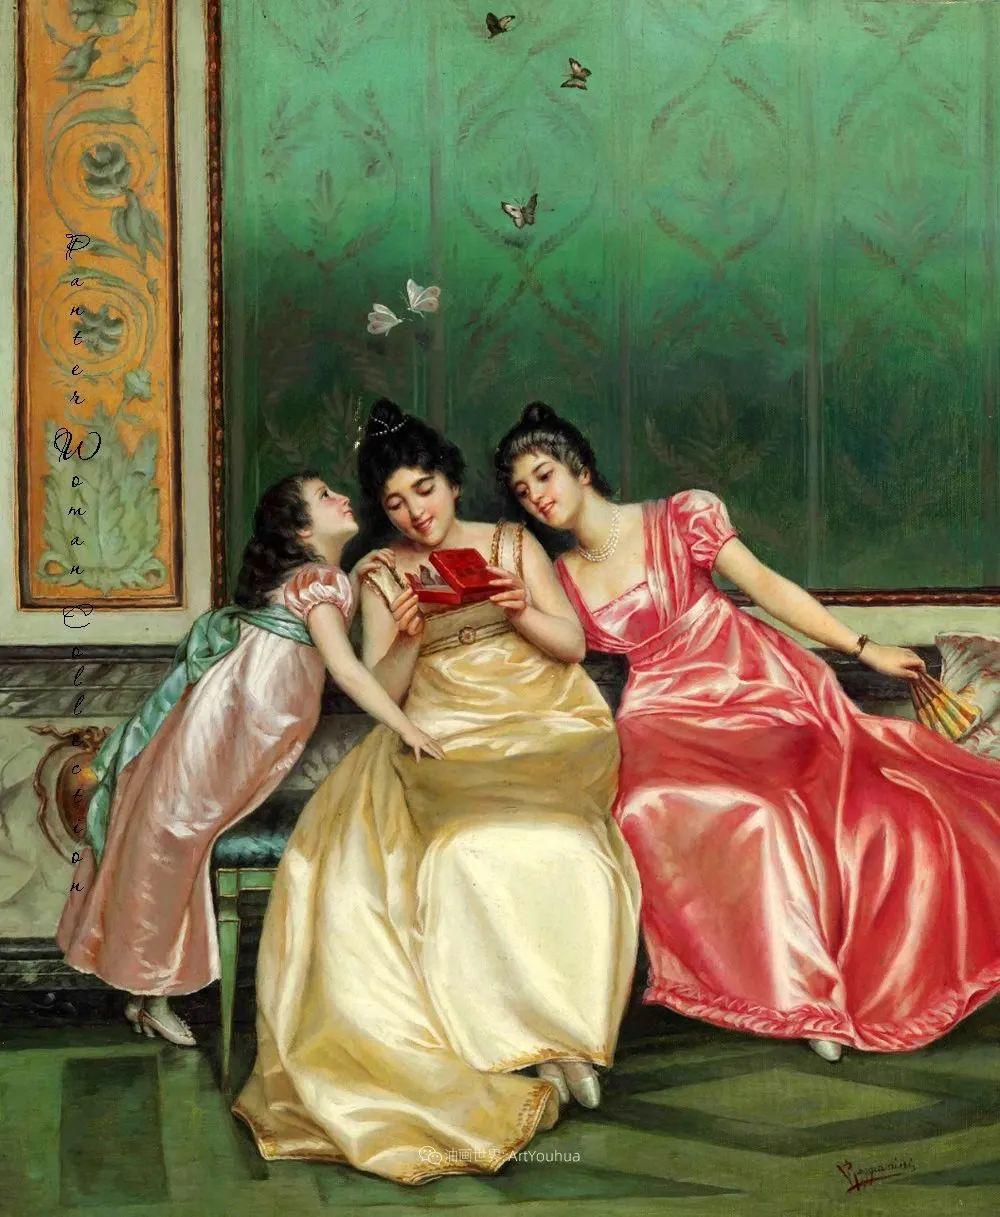 充斥着浪漫音符的贵族生活,衣服质感太强了!插图9